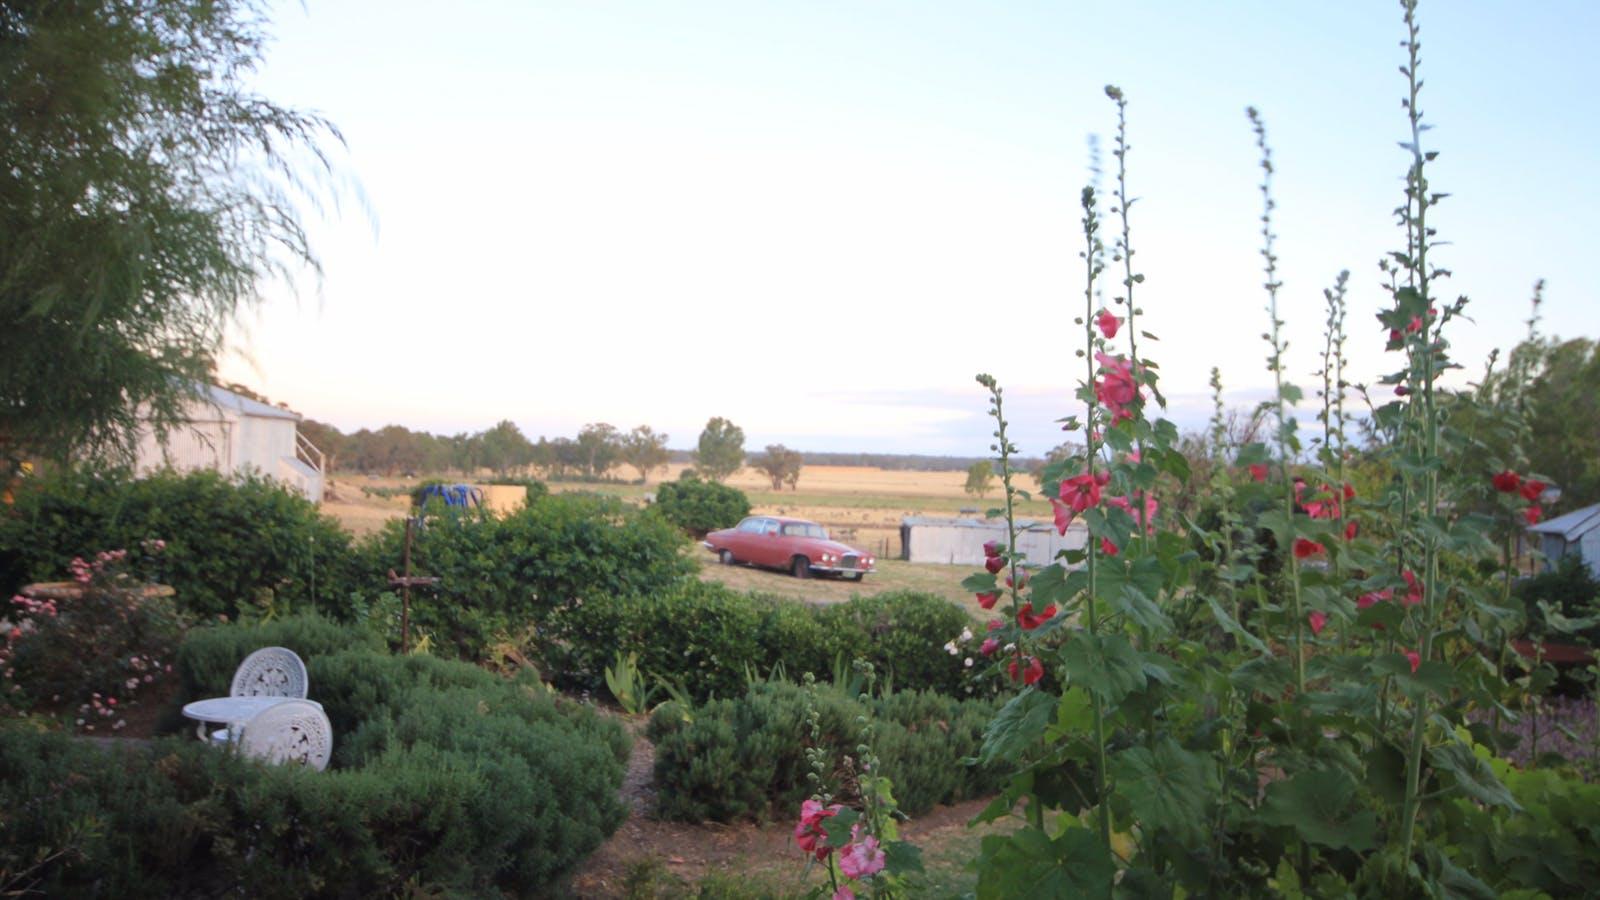 Overlooking the garden.